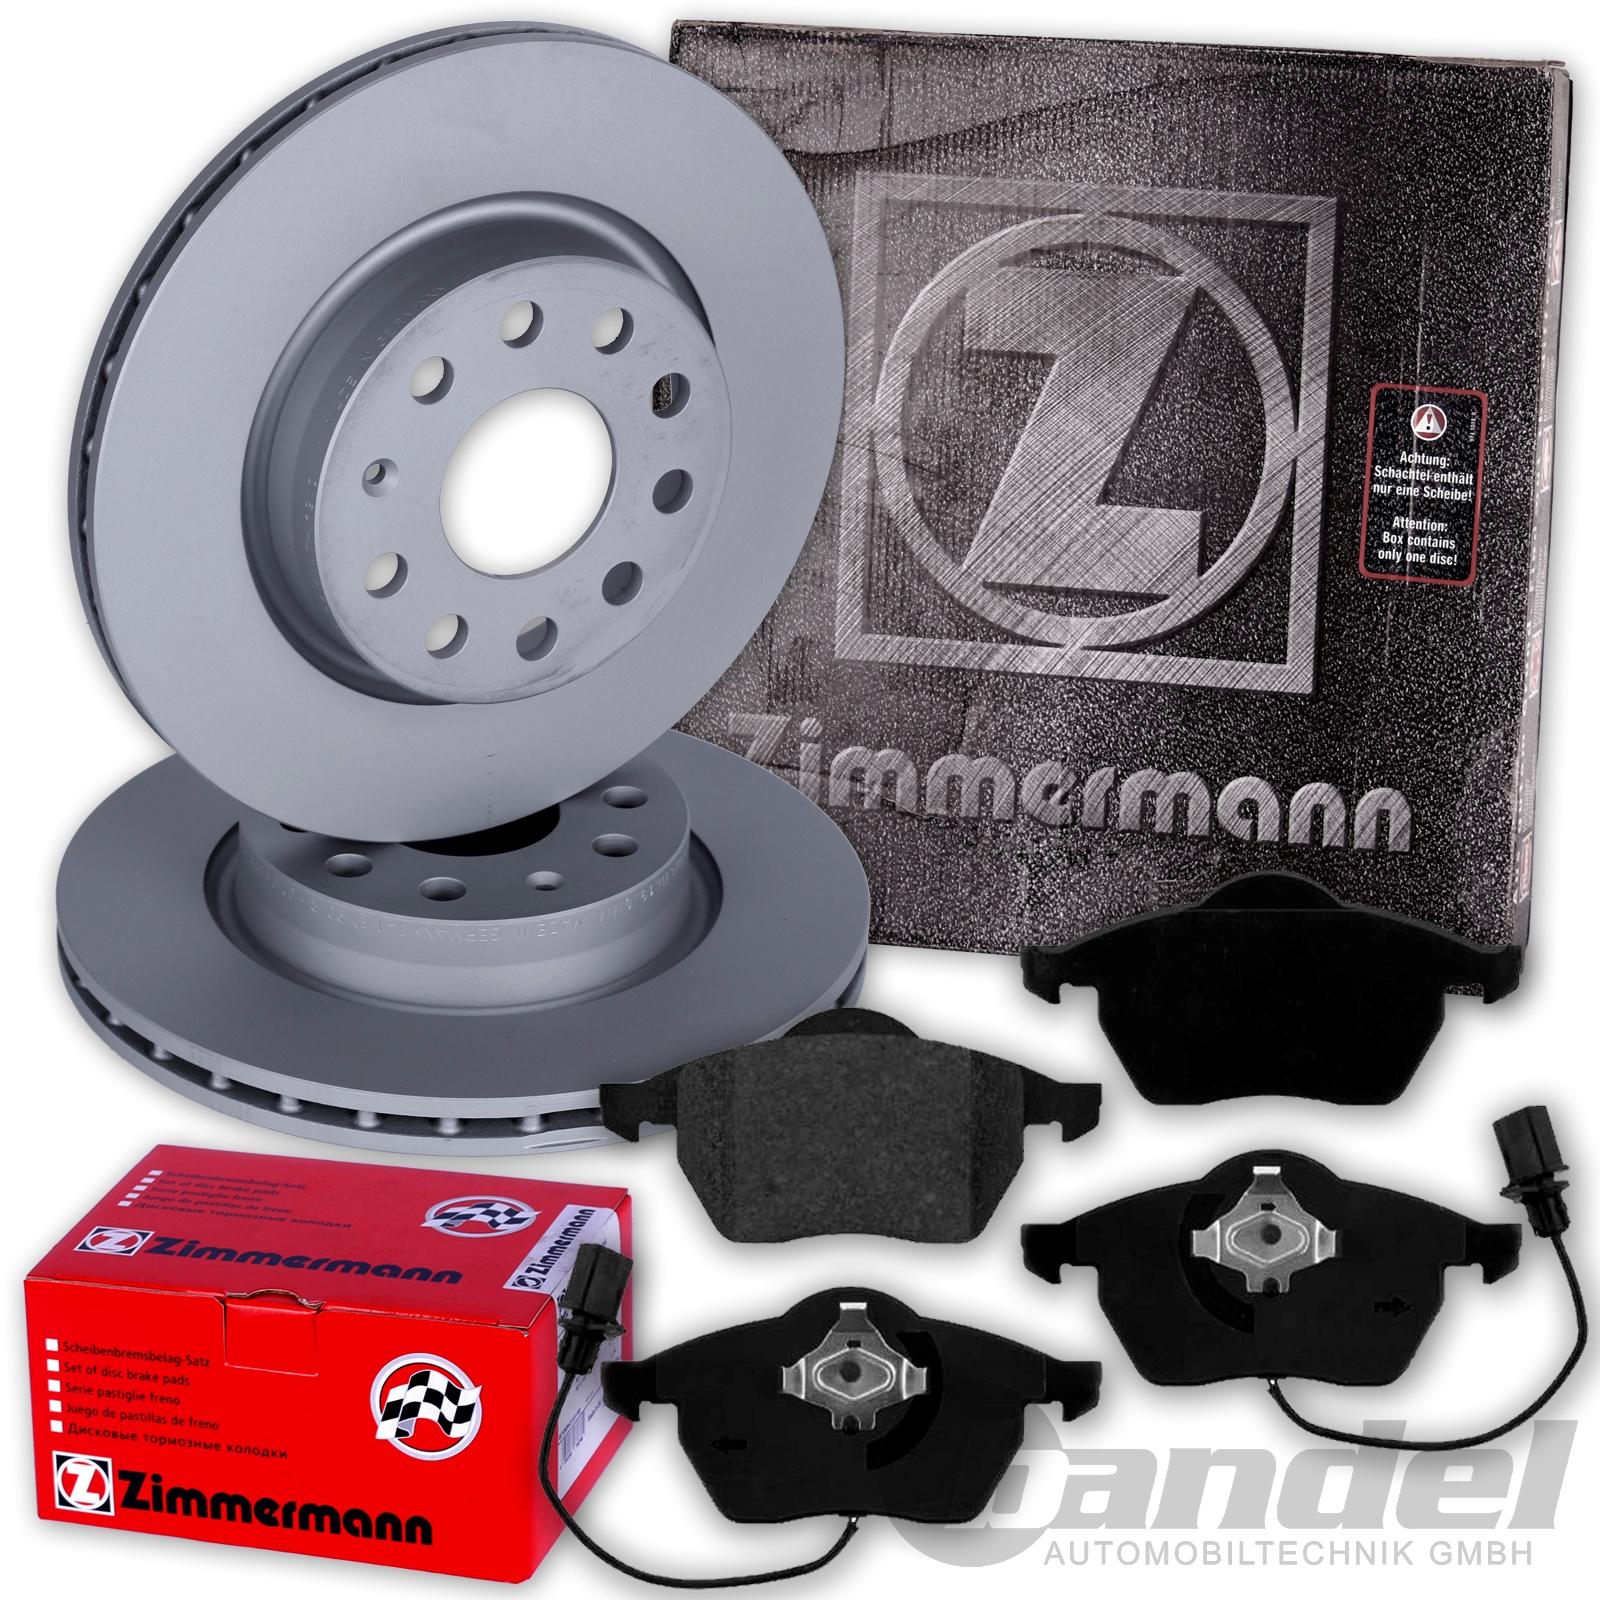 Zimmermann Sport Bremsen Set Bremsscheiben Bremsbeläge Audi A6 4F PR 1LG 1KD